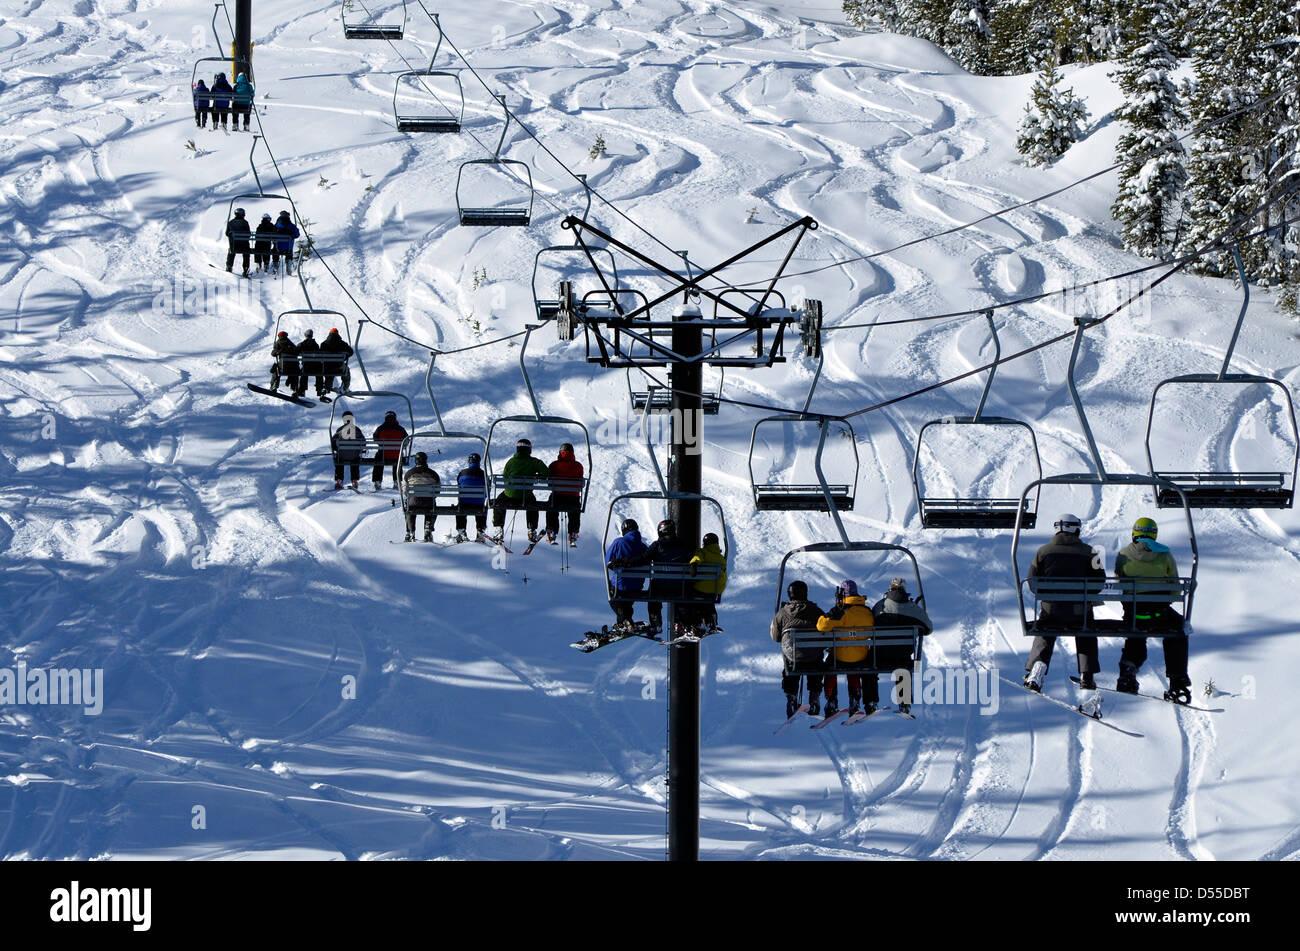 ski run and chair lift, anthony lakes ski area, oregon stock photo